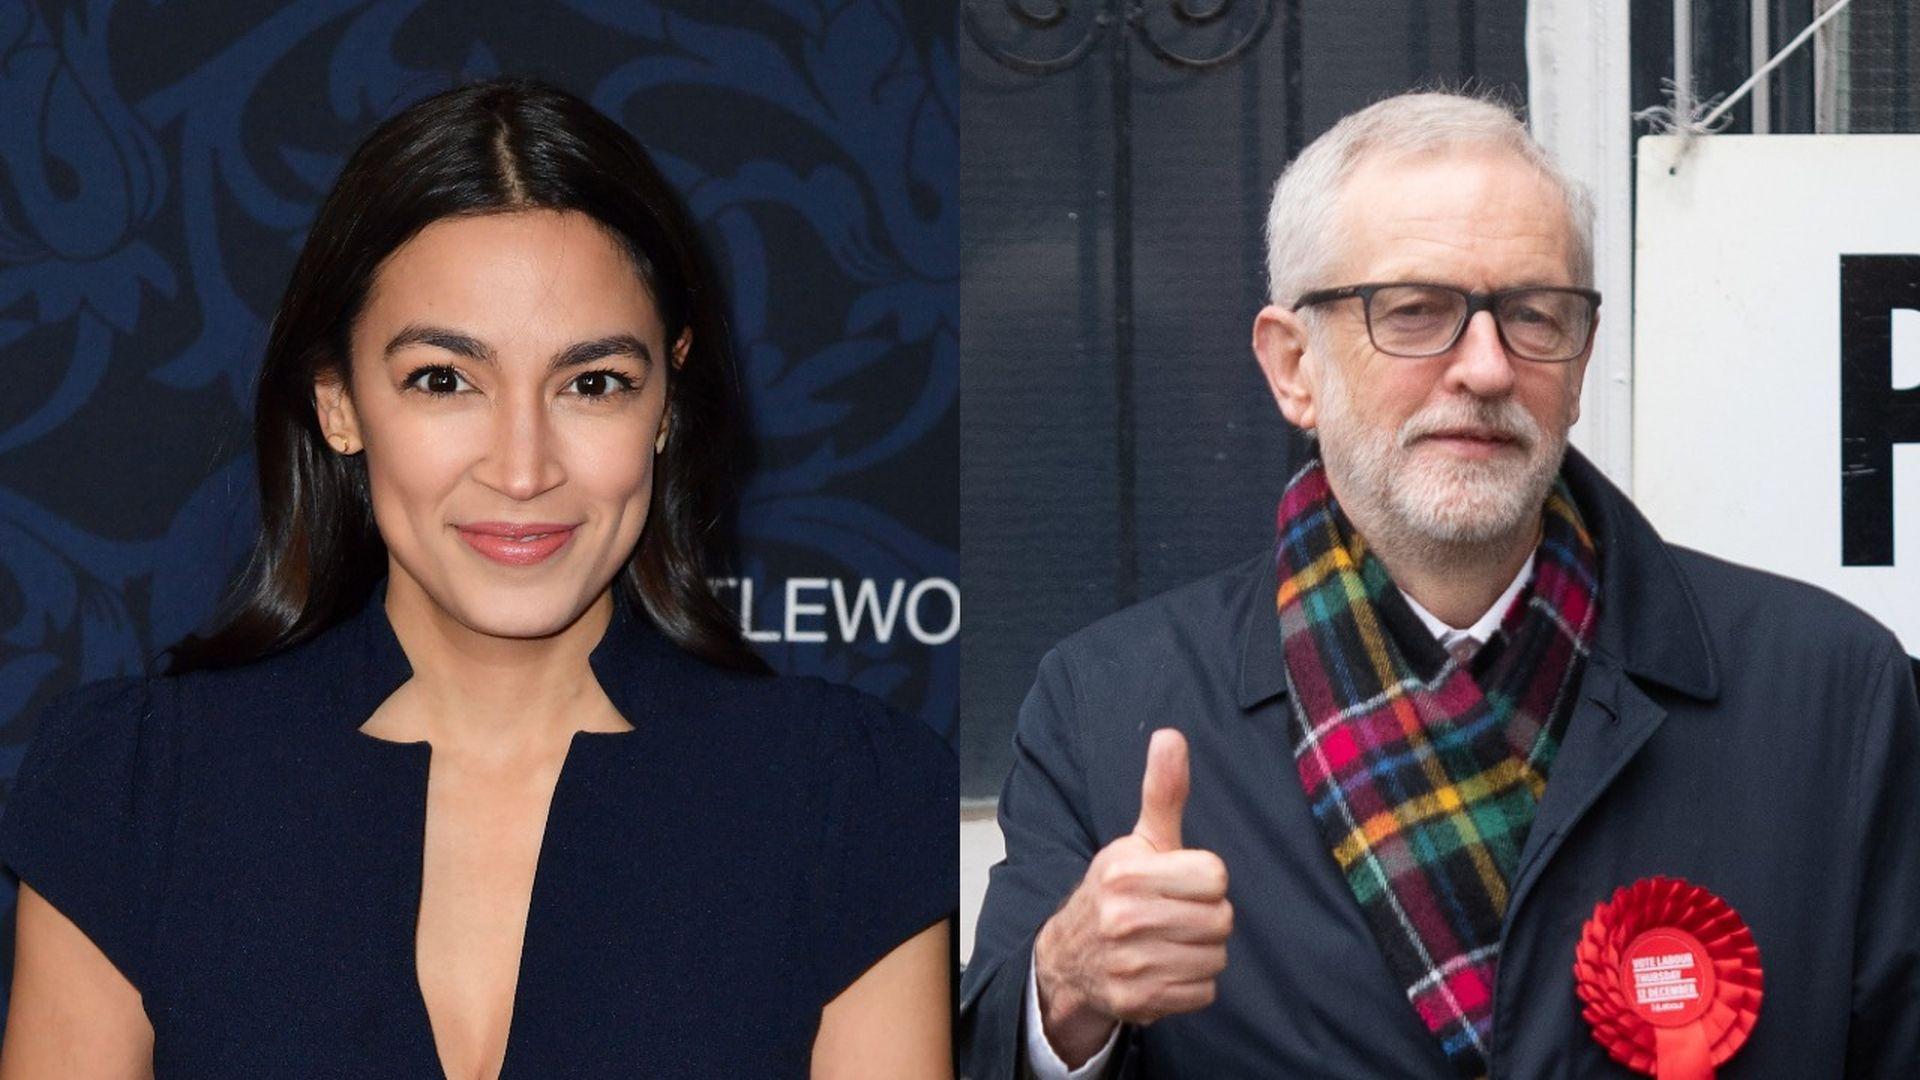 Alexandria Ocasio-Cortez urges U.K. voters to back Jeremy Corbyn's Labour Party